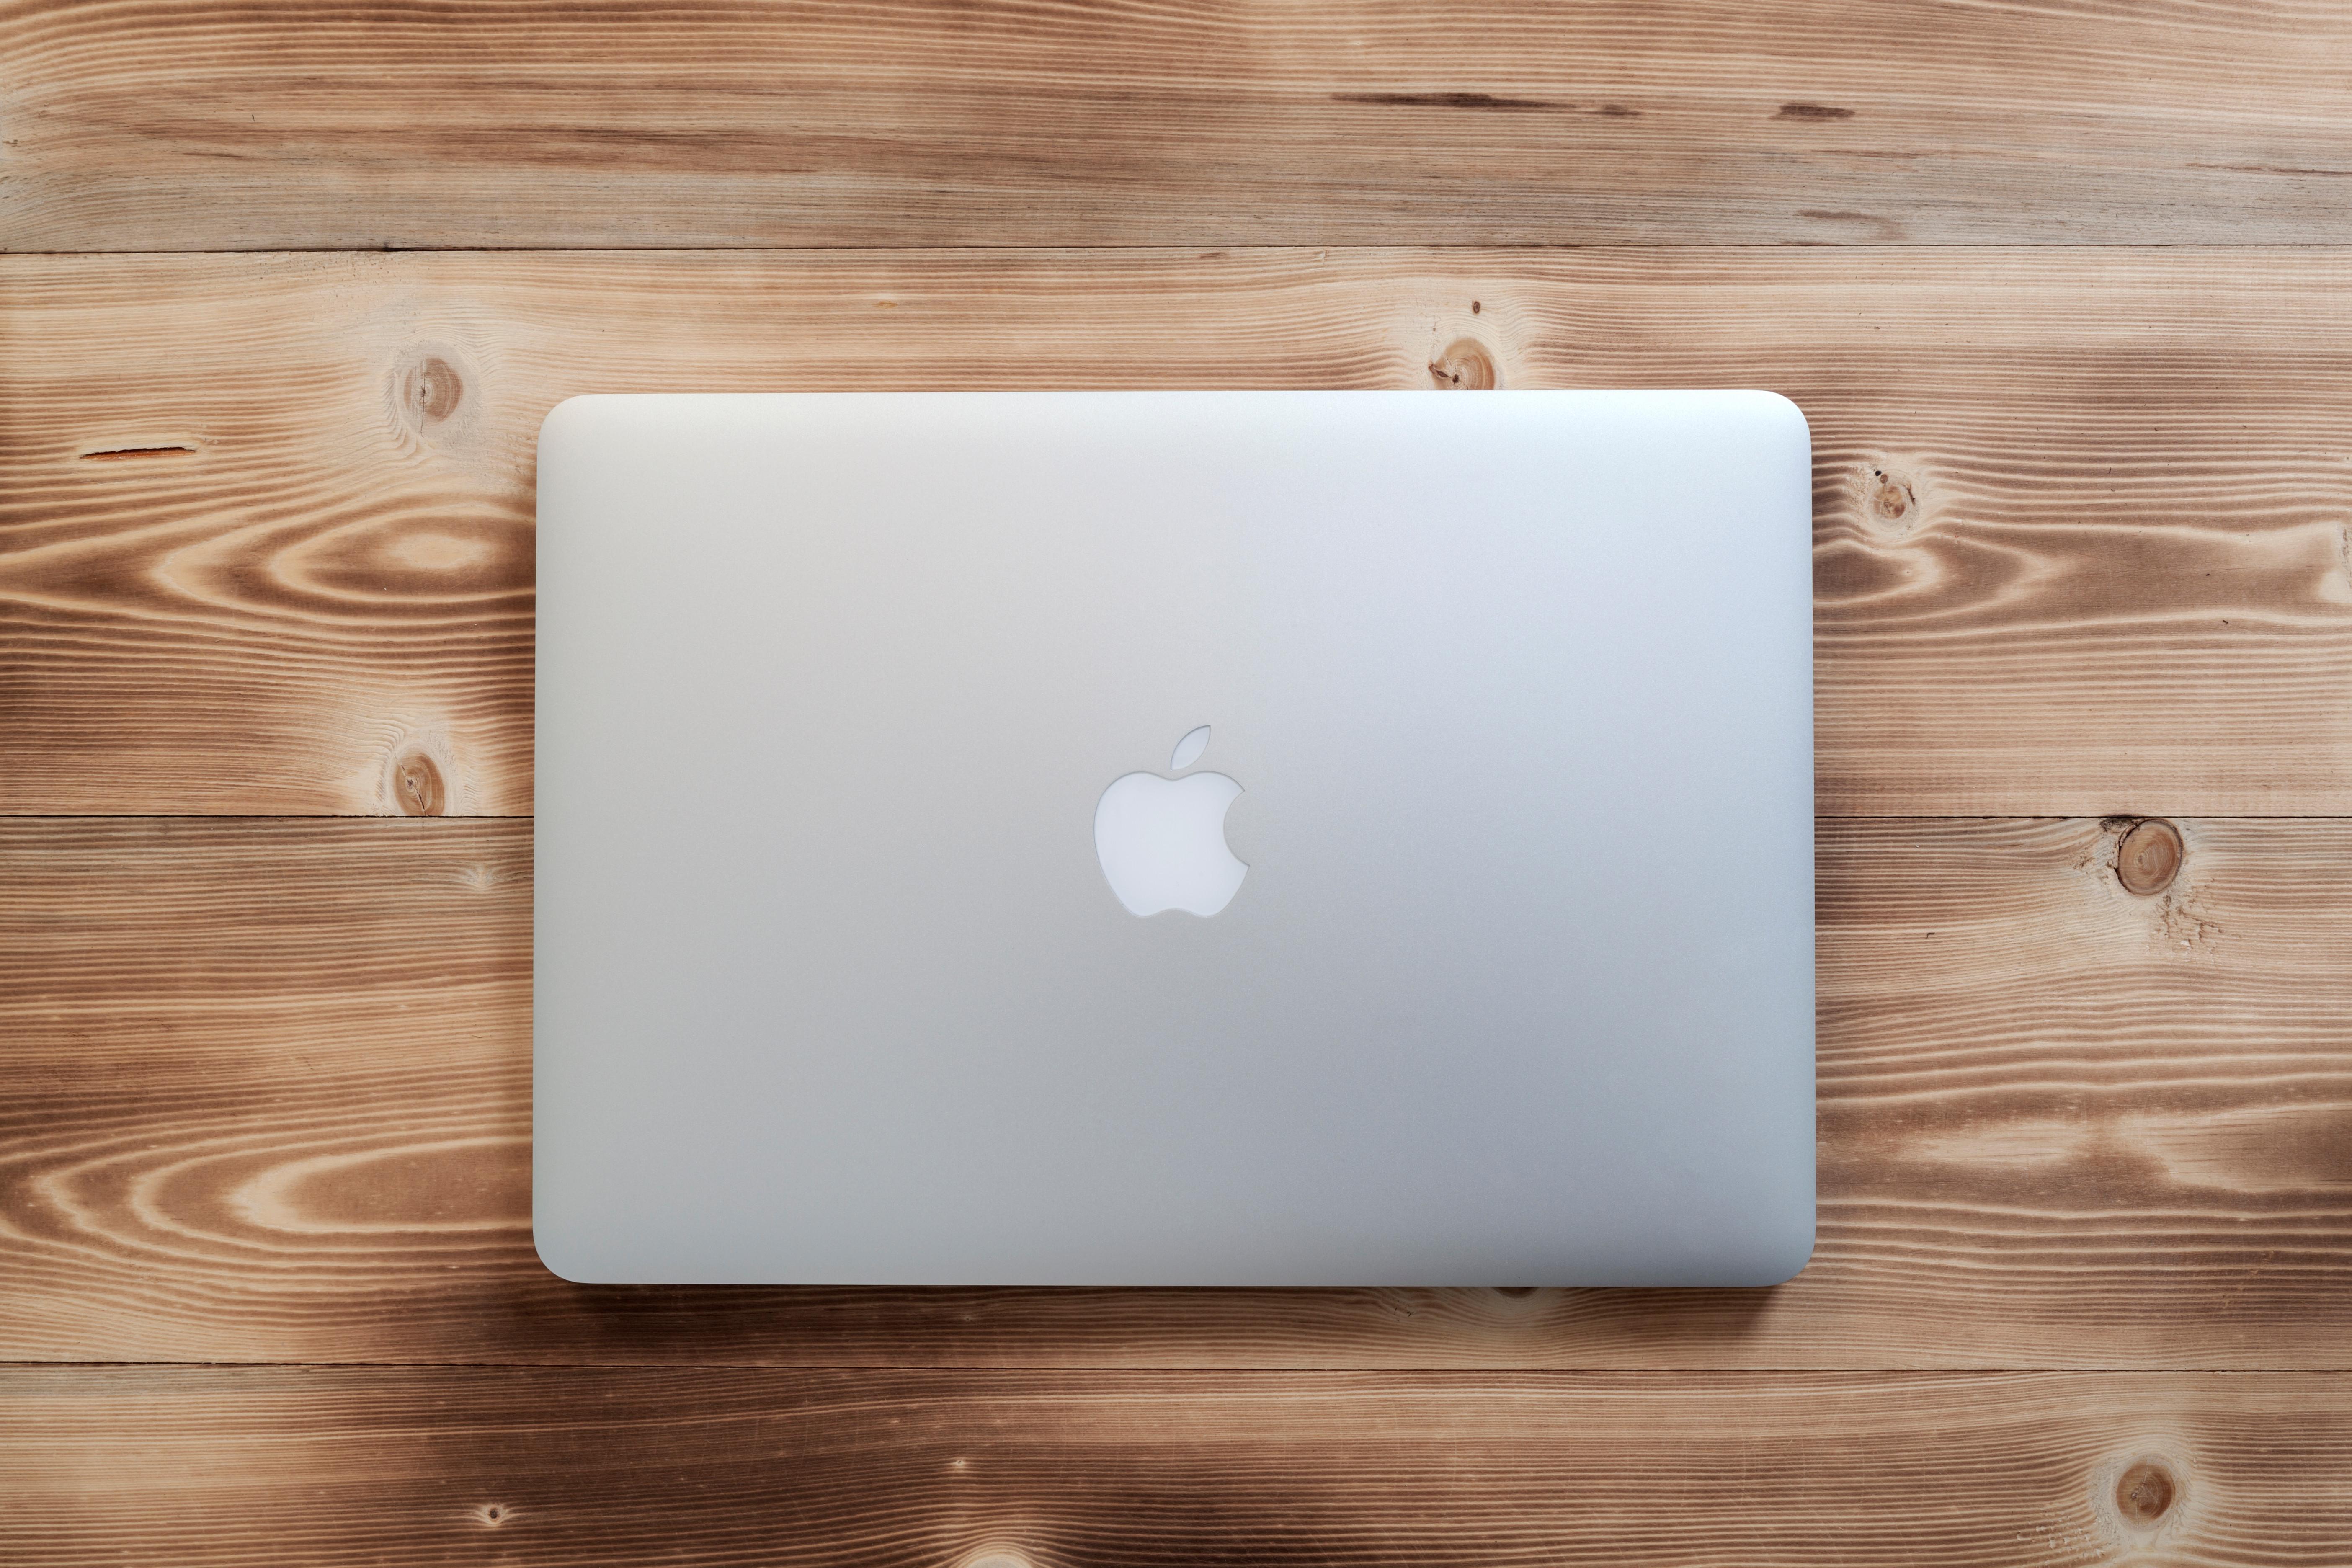 Лаптопите на Macbook Pro вклучуваат вредно Applepaling